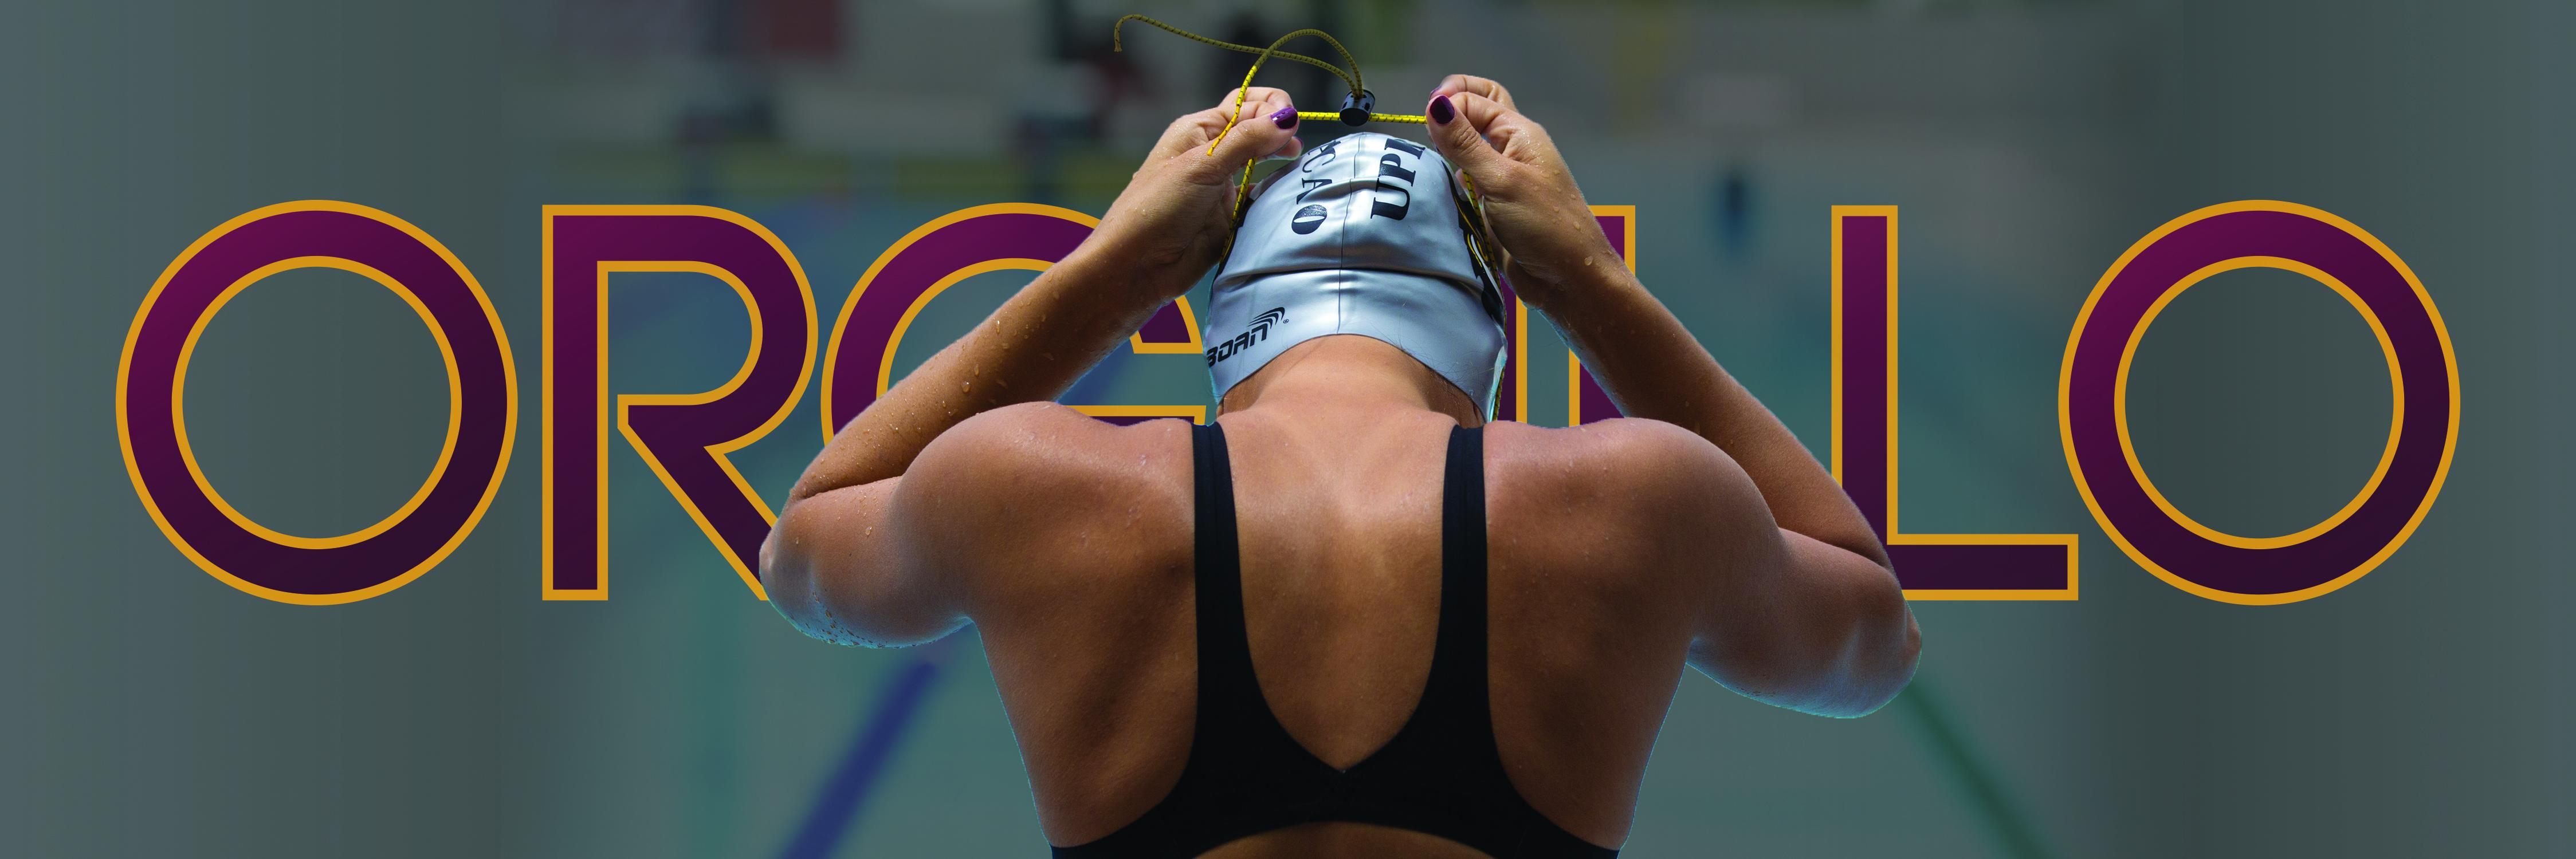 Banner de atleta del orgullo de UPRH